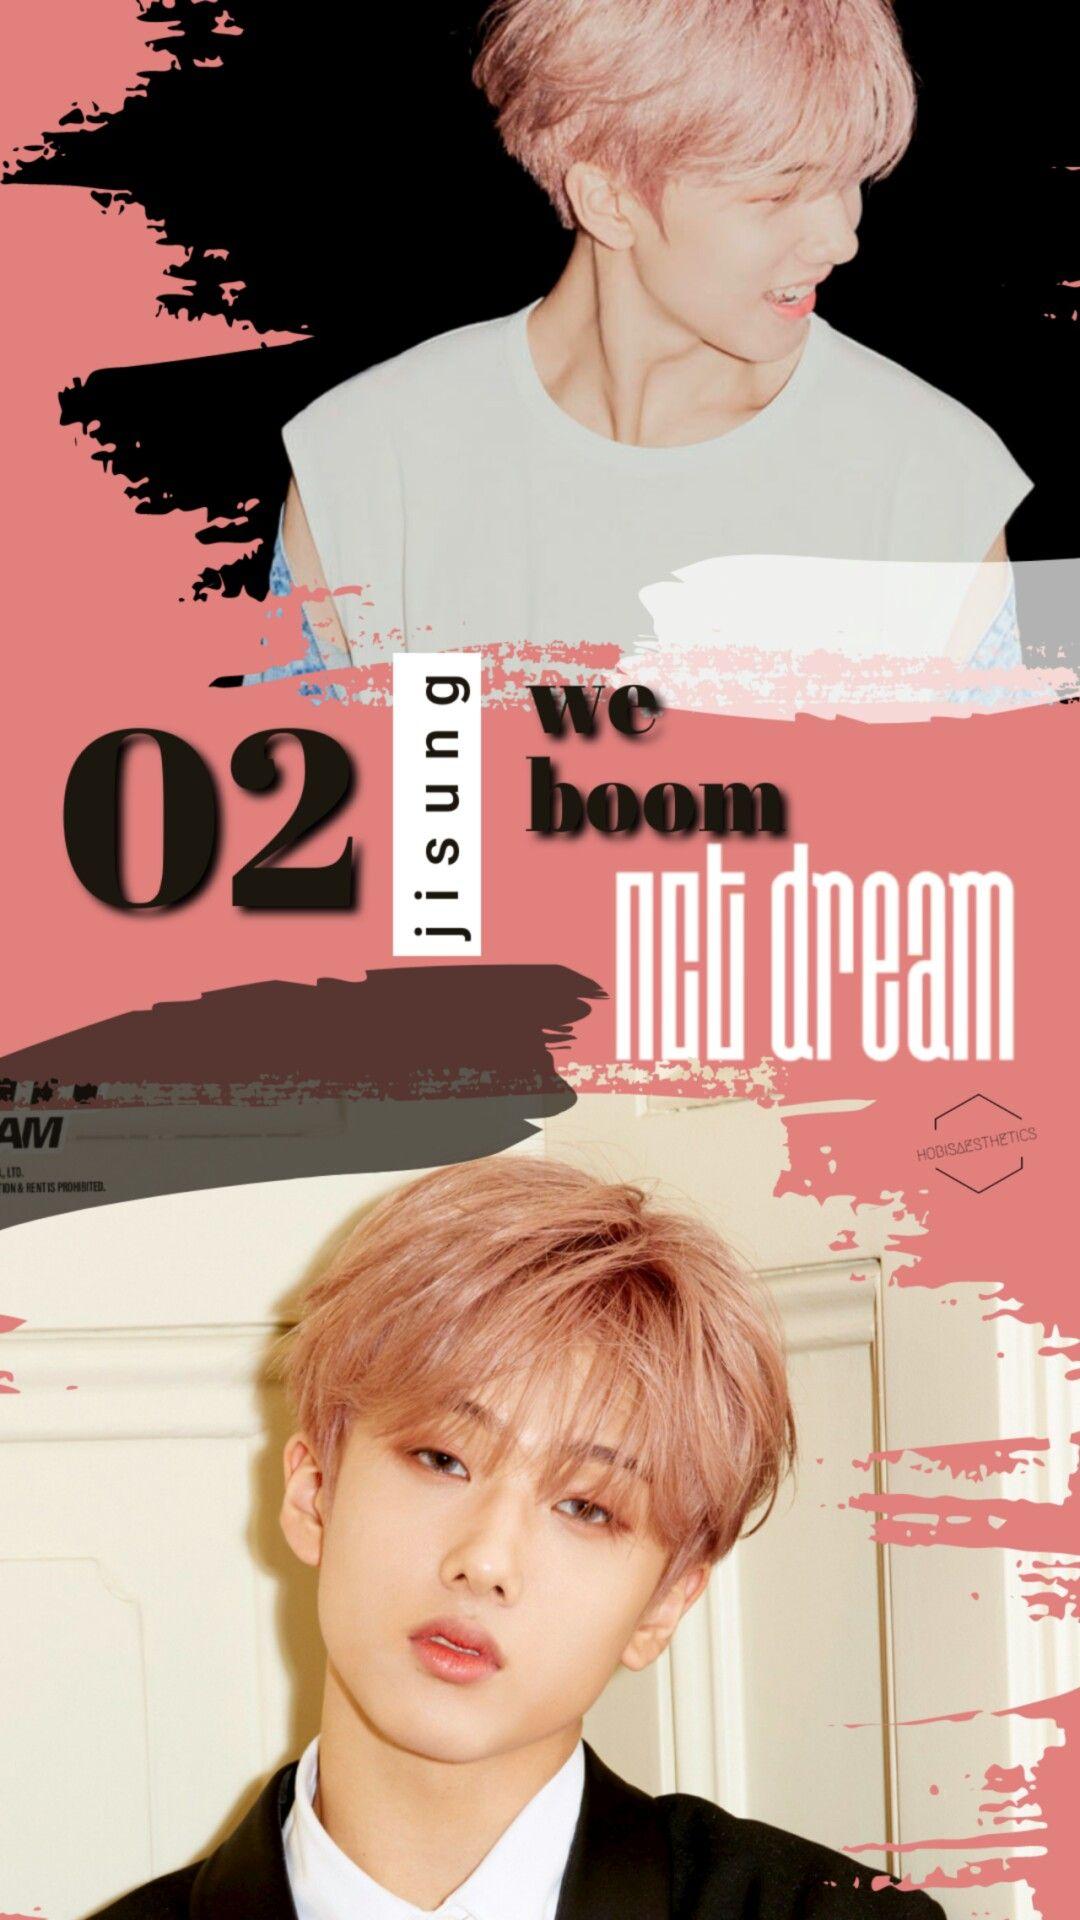 Nct Dream Mv Boom Wallpaper Lockscreen Hd Fondo De Pantalla Winwin Jisung Chenle Haechan Doyoung Yuta Taeil Jeno Lucas Selebritas Nct Lucu